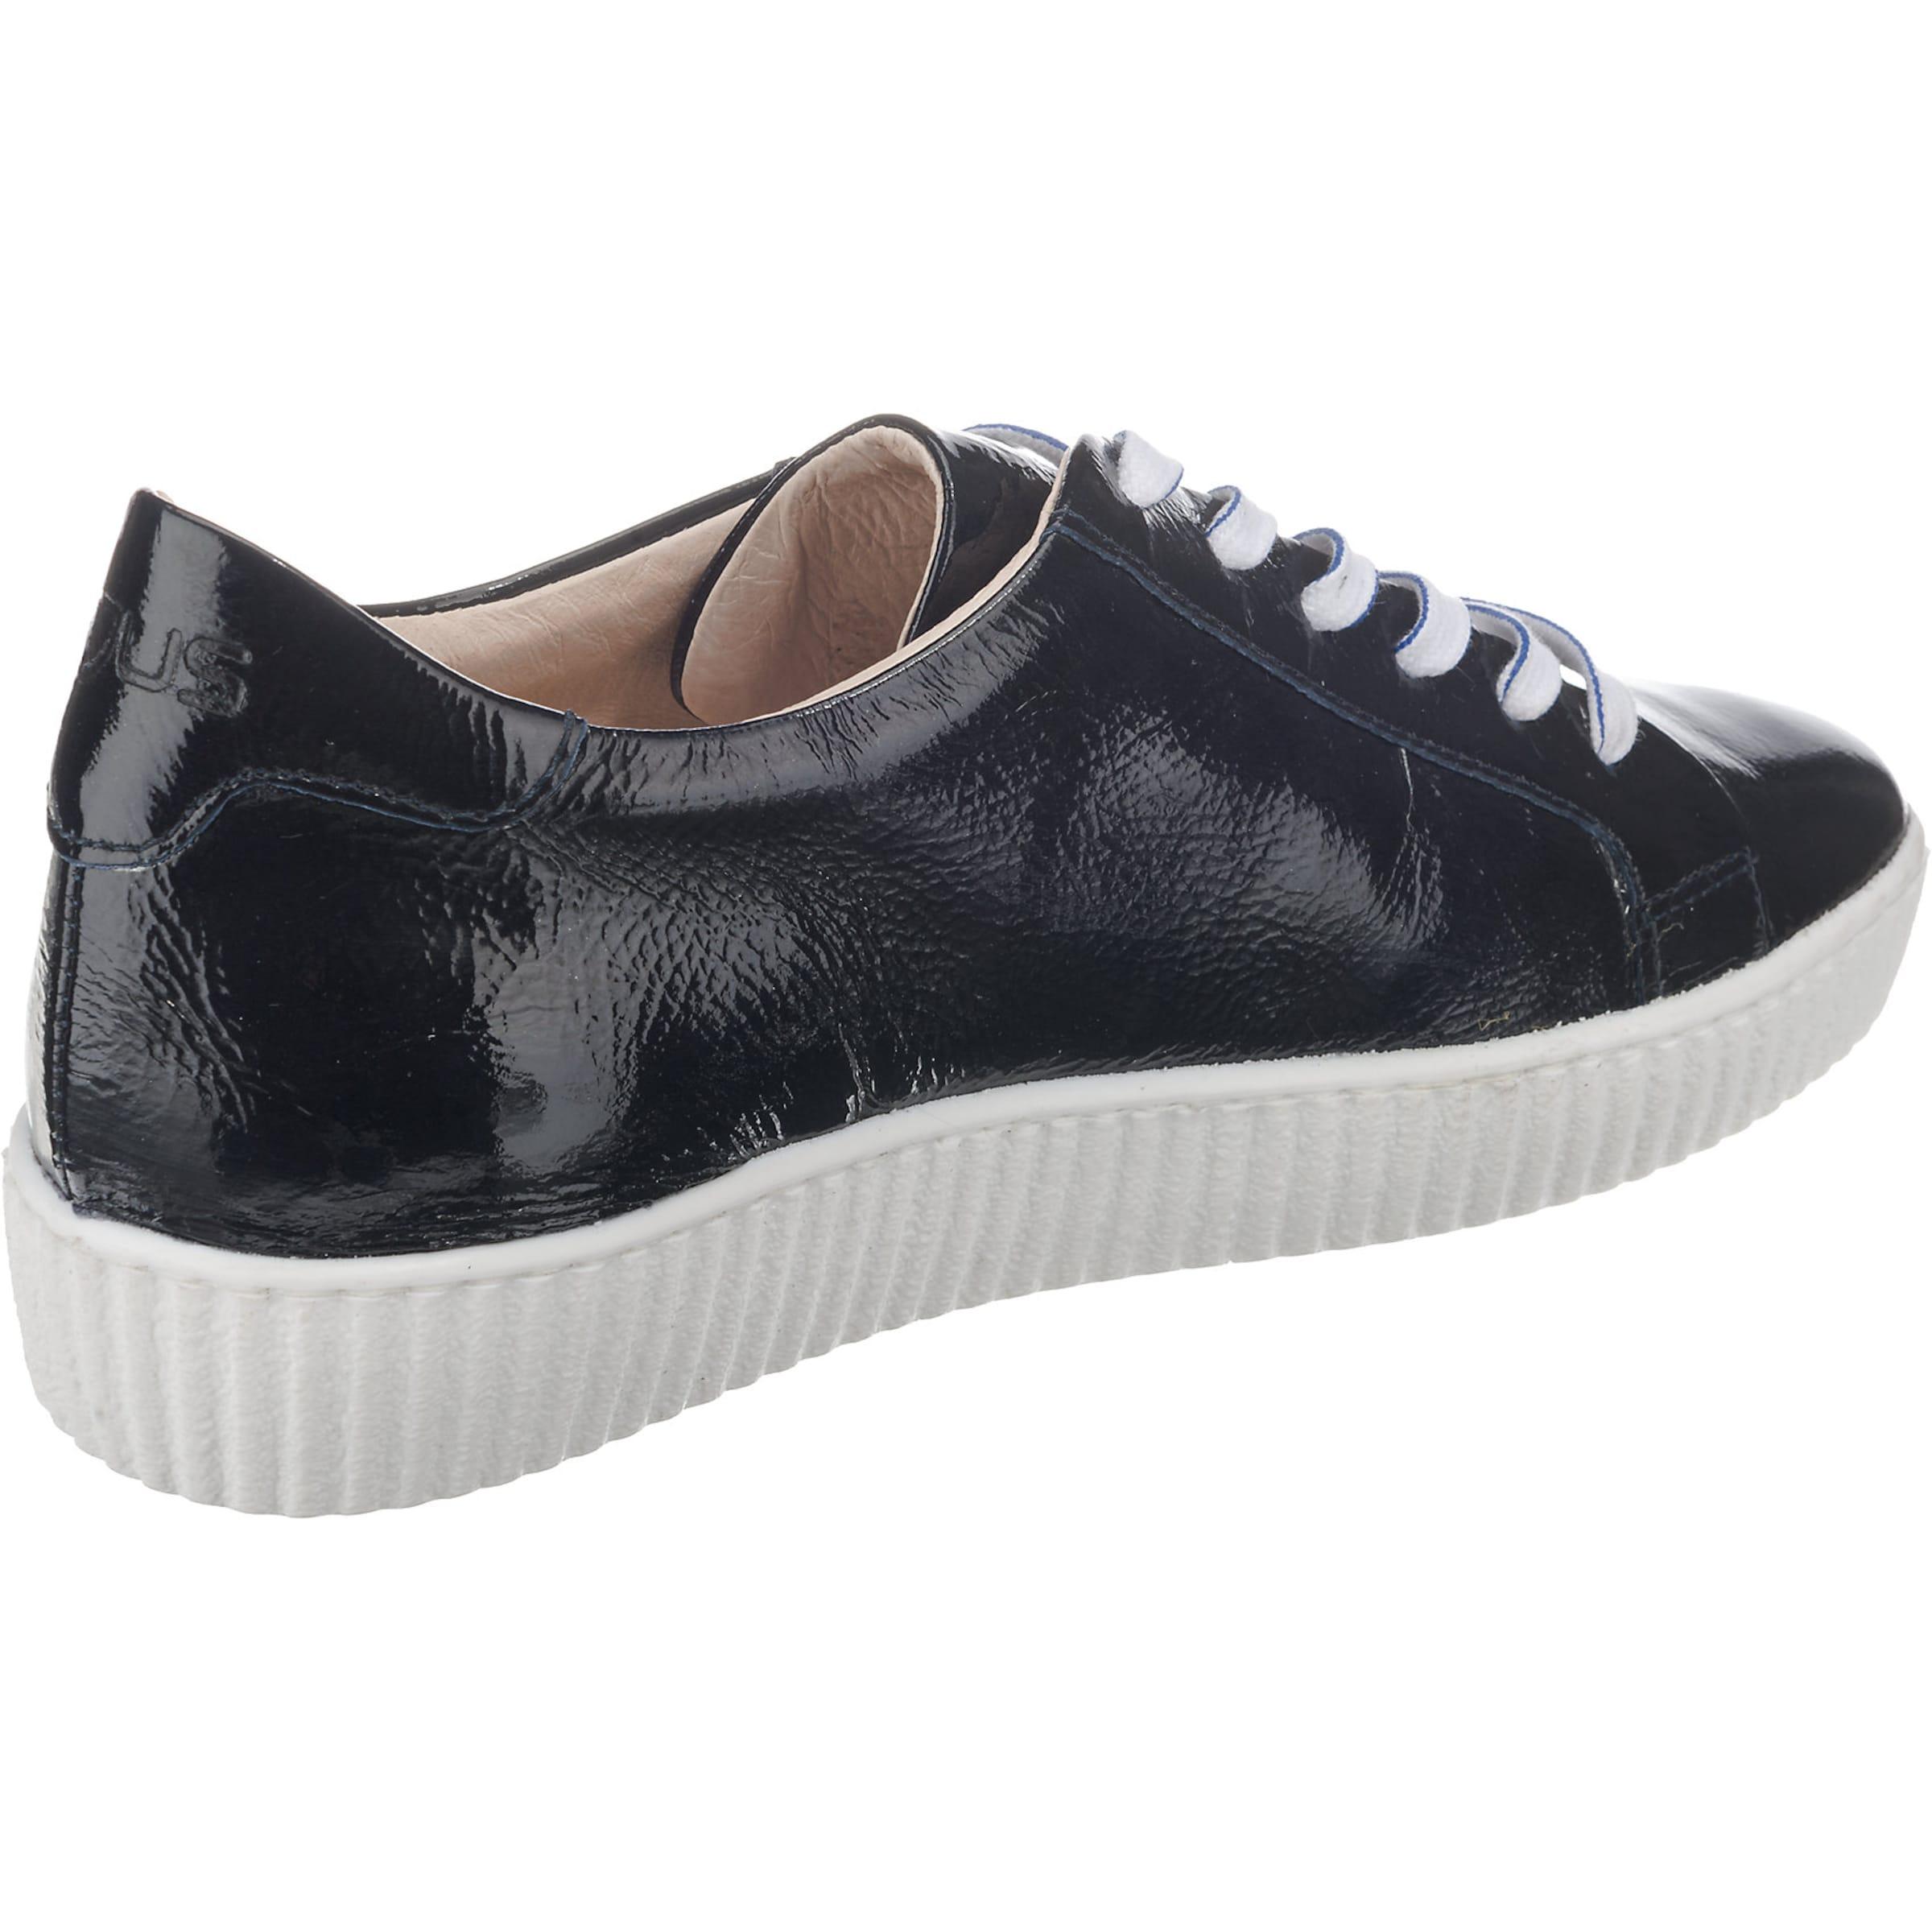 MJUS Optima Sneakers Low Billig Verkauf Besuch Neu Günstig Kaufen Niedrige Versandkosten Extrem Online Erhalten Authentisch Günstigen Preis Günstig Kaufen Gefälschte 7aCkcSKI1